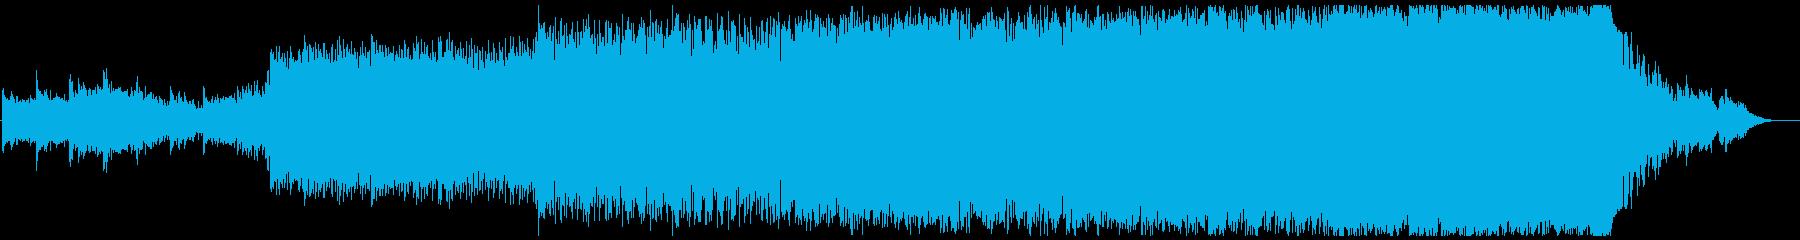 実験的な 広い 壮大 ドラマチック...の再生済みの波形